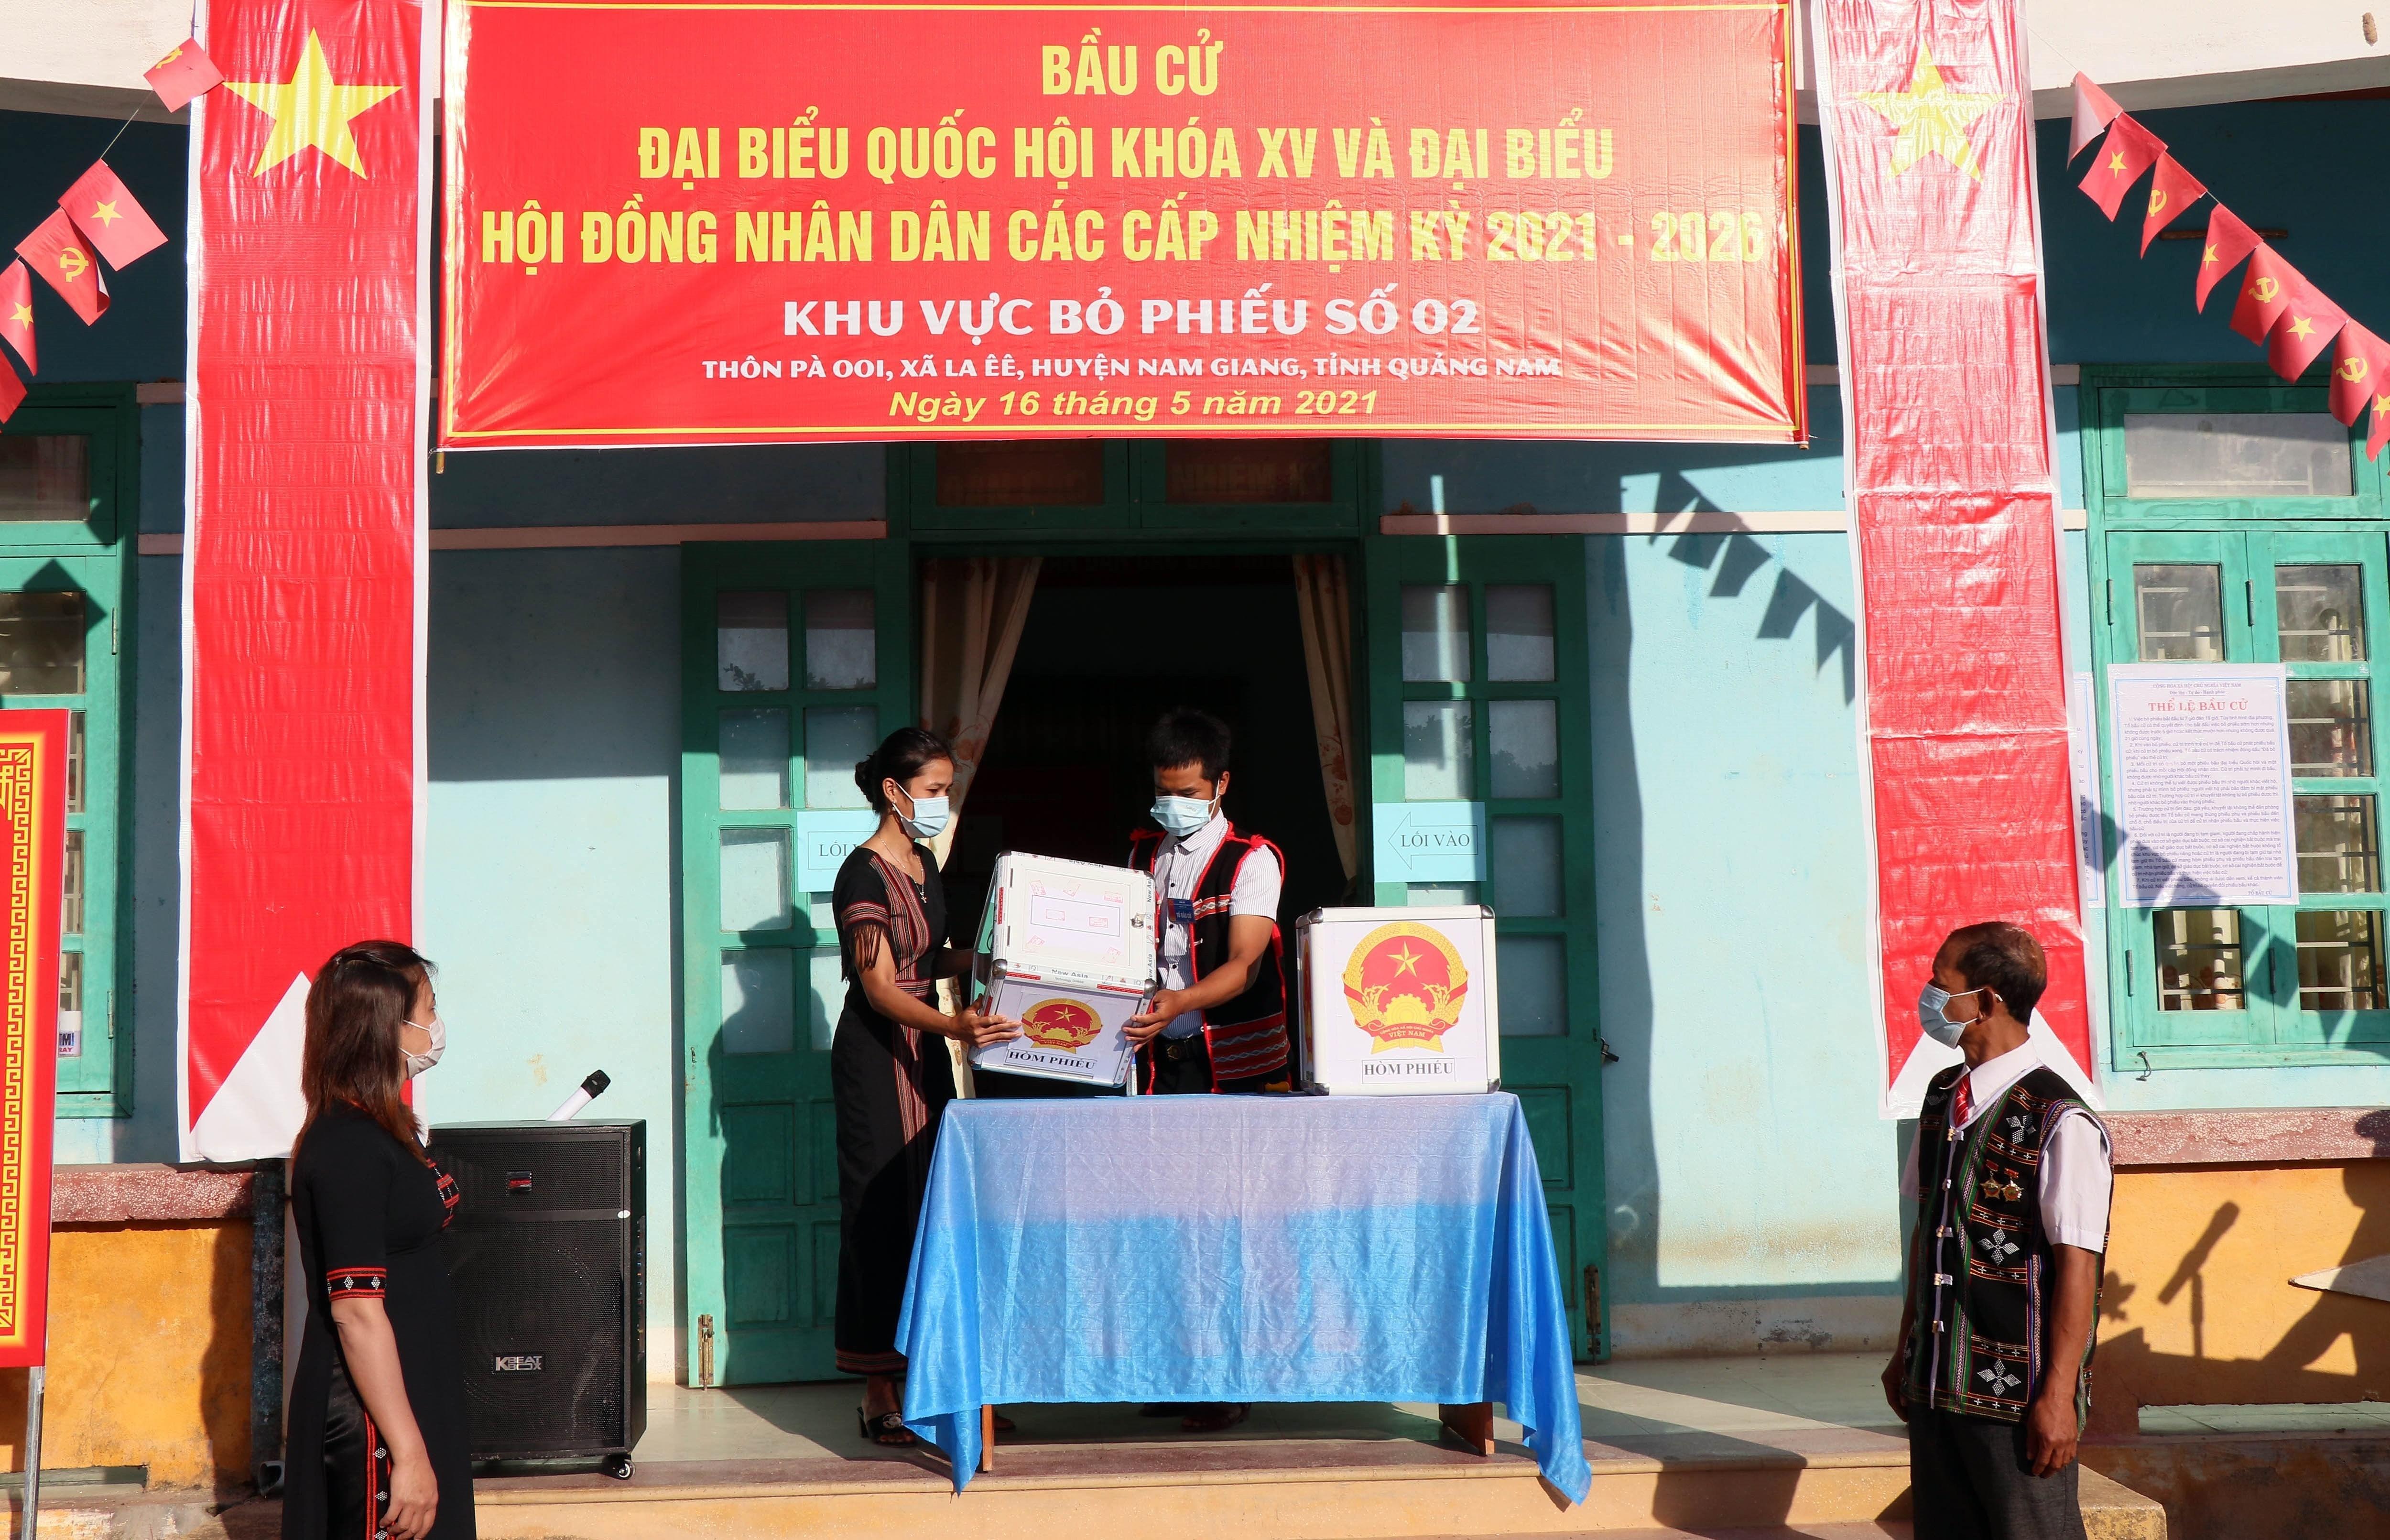 Hinh anh cu tri Quang Nam phan khoi di bo phieu trong ngay bau cu som hinh anh 1